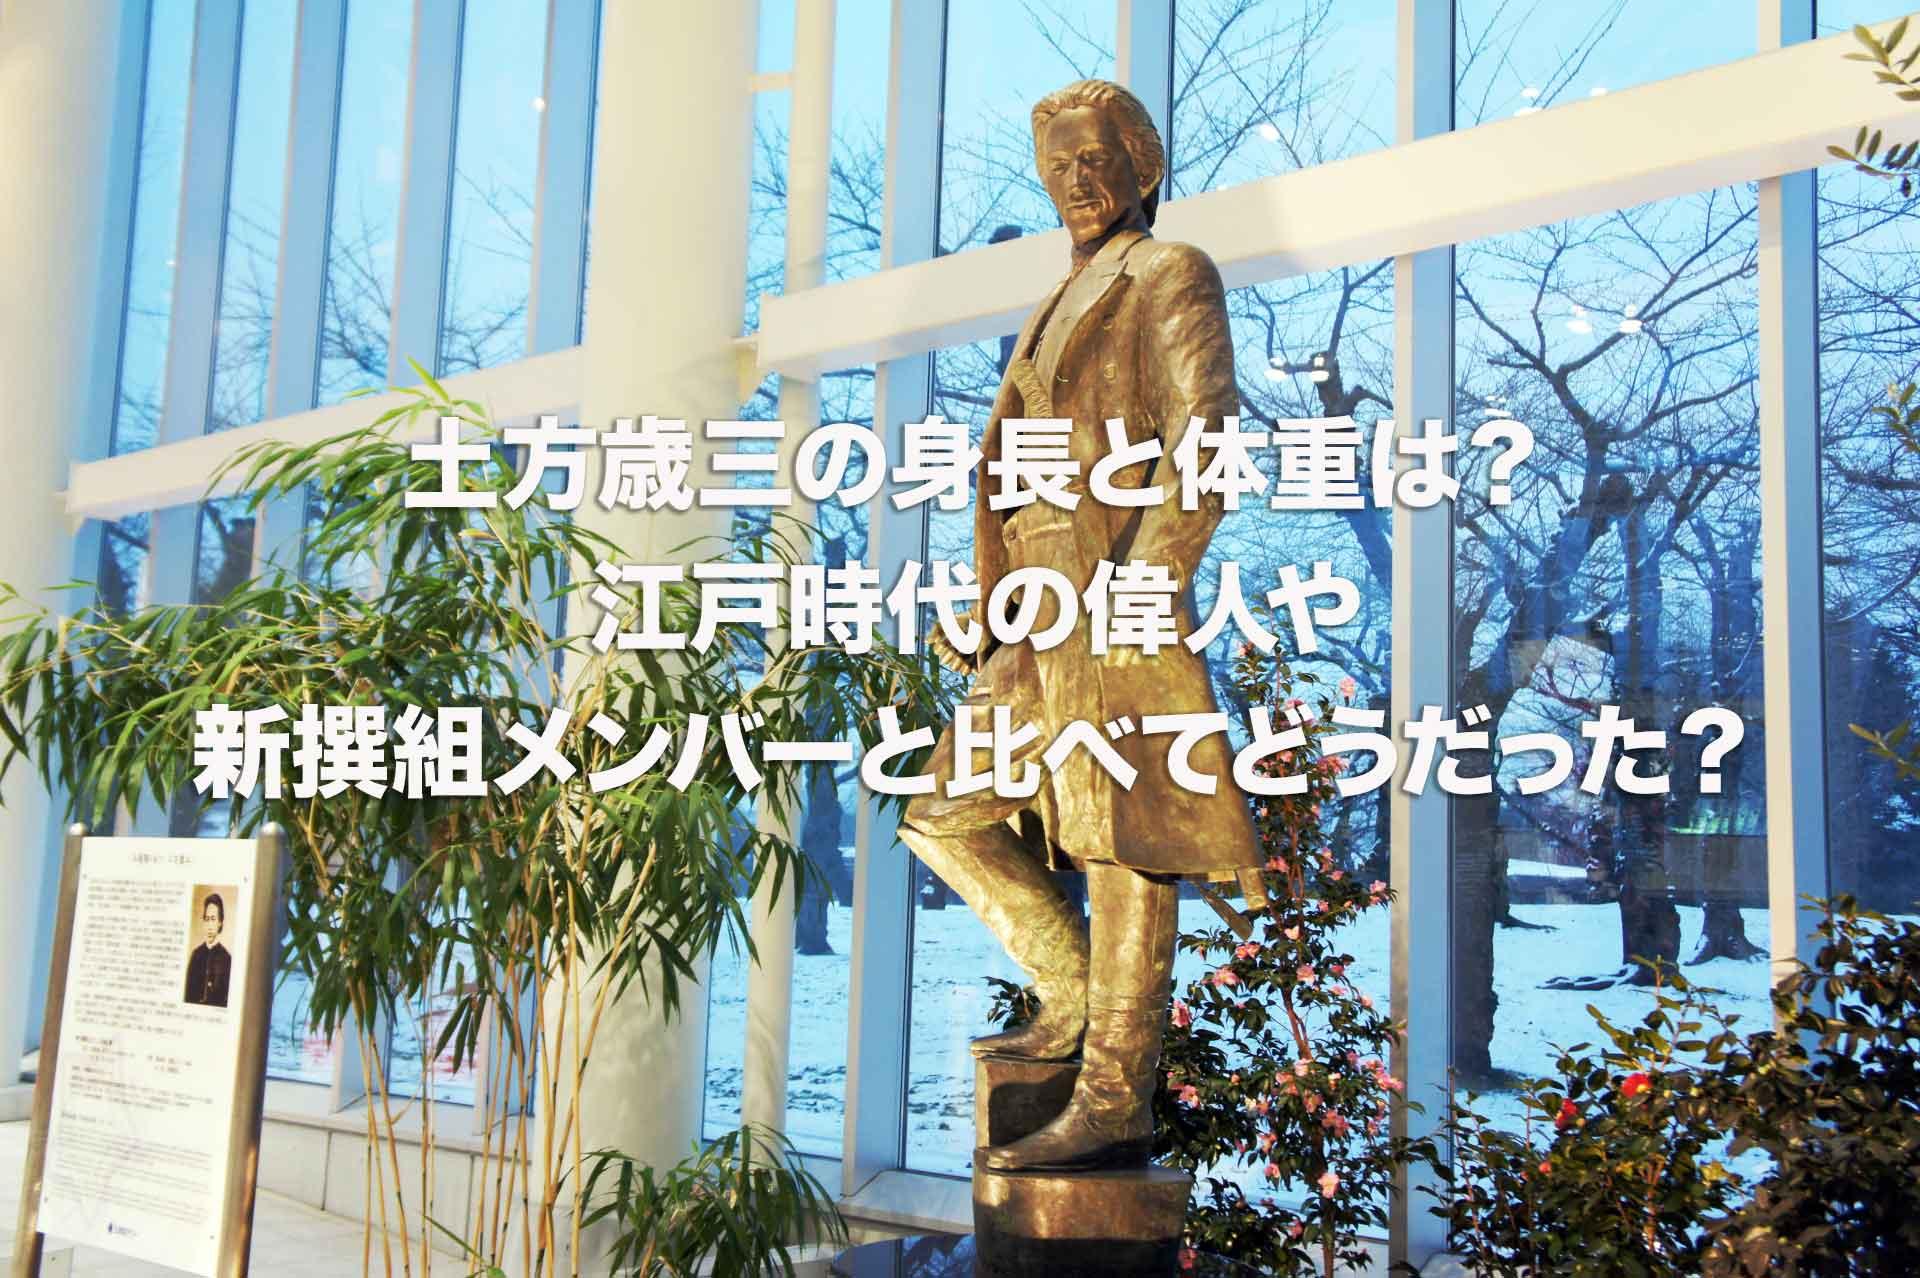 土方歳三の身長と体重は?江戸時代の偉人や新撰組メンバーと比べてどうだった?